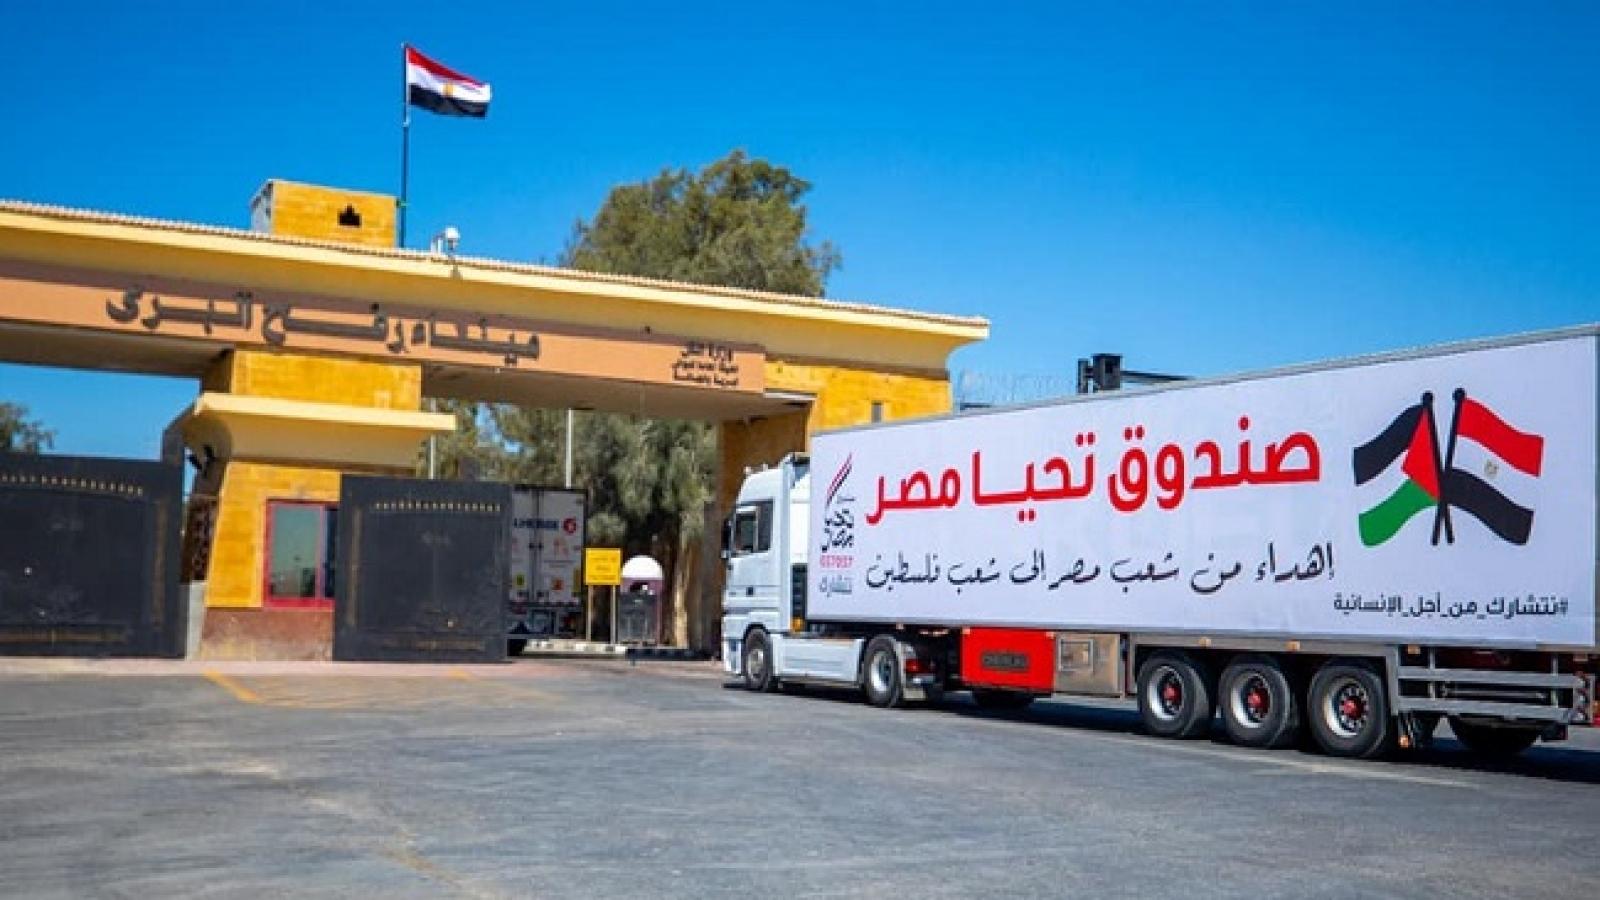 Ai Cập gửi hơn 3.000 tấn viện trợ nhân đạo tới Dải Gaza